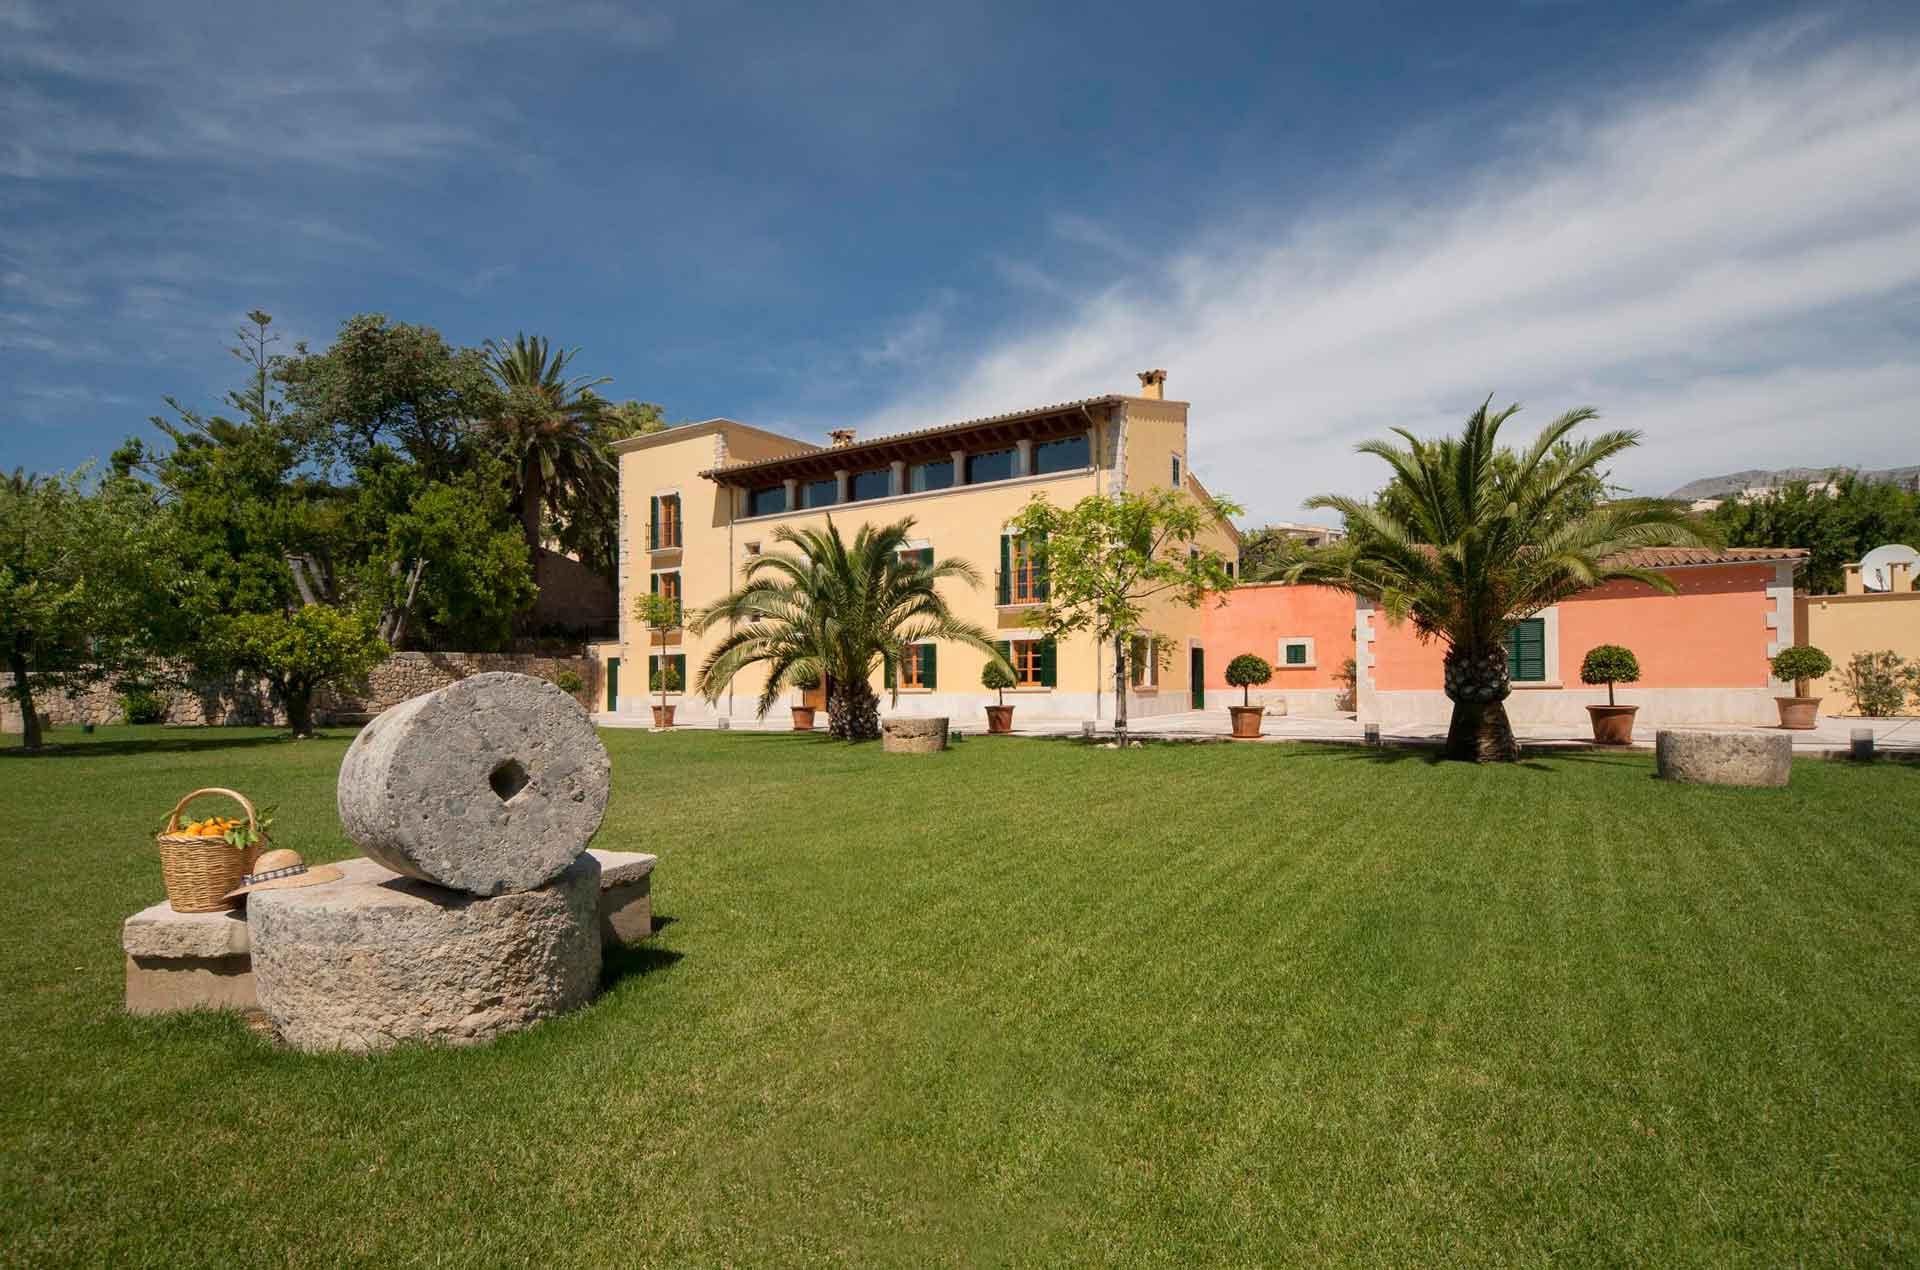 Hotel Boutique Hort De Cas Misser Hotel Selva Spain